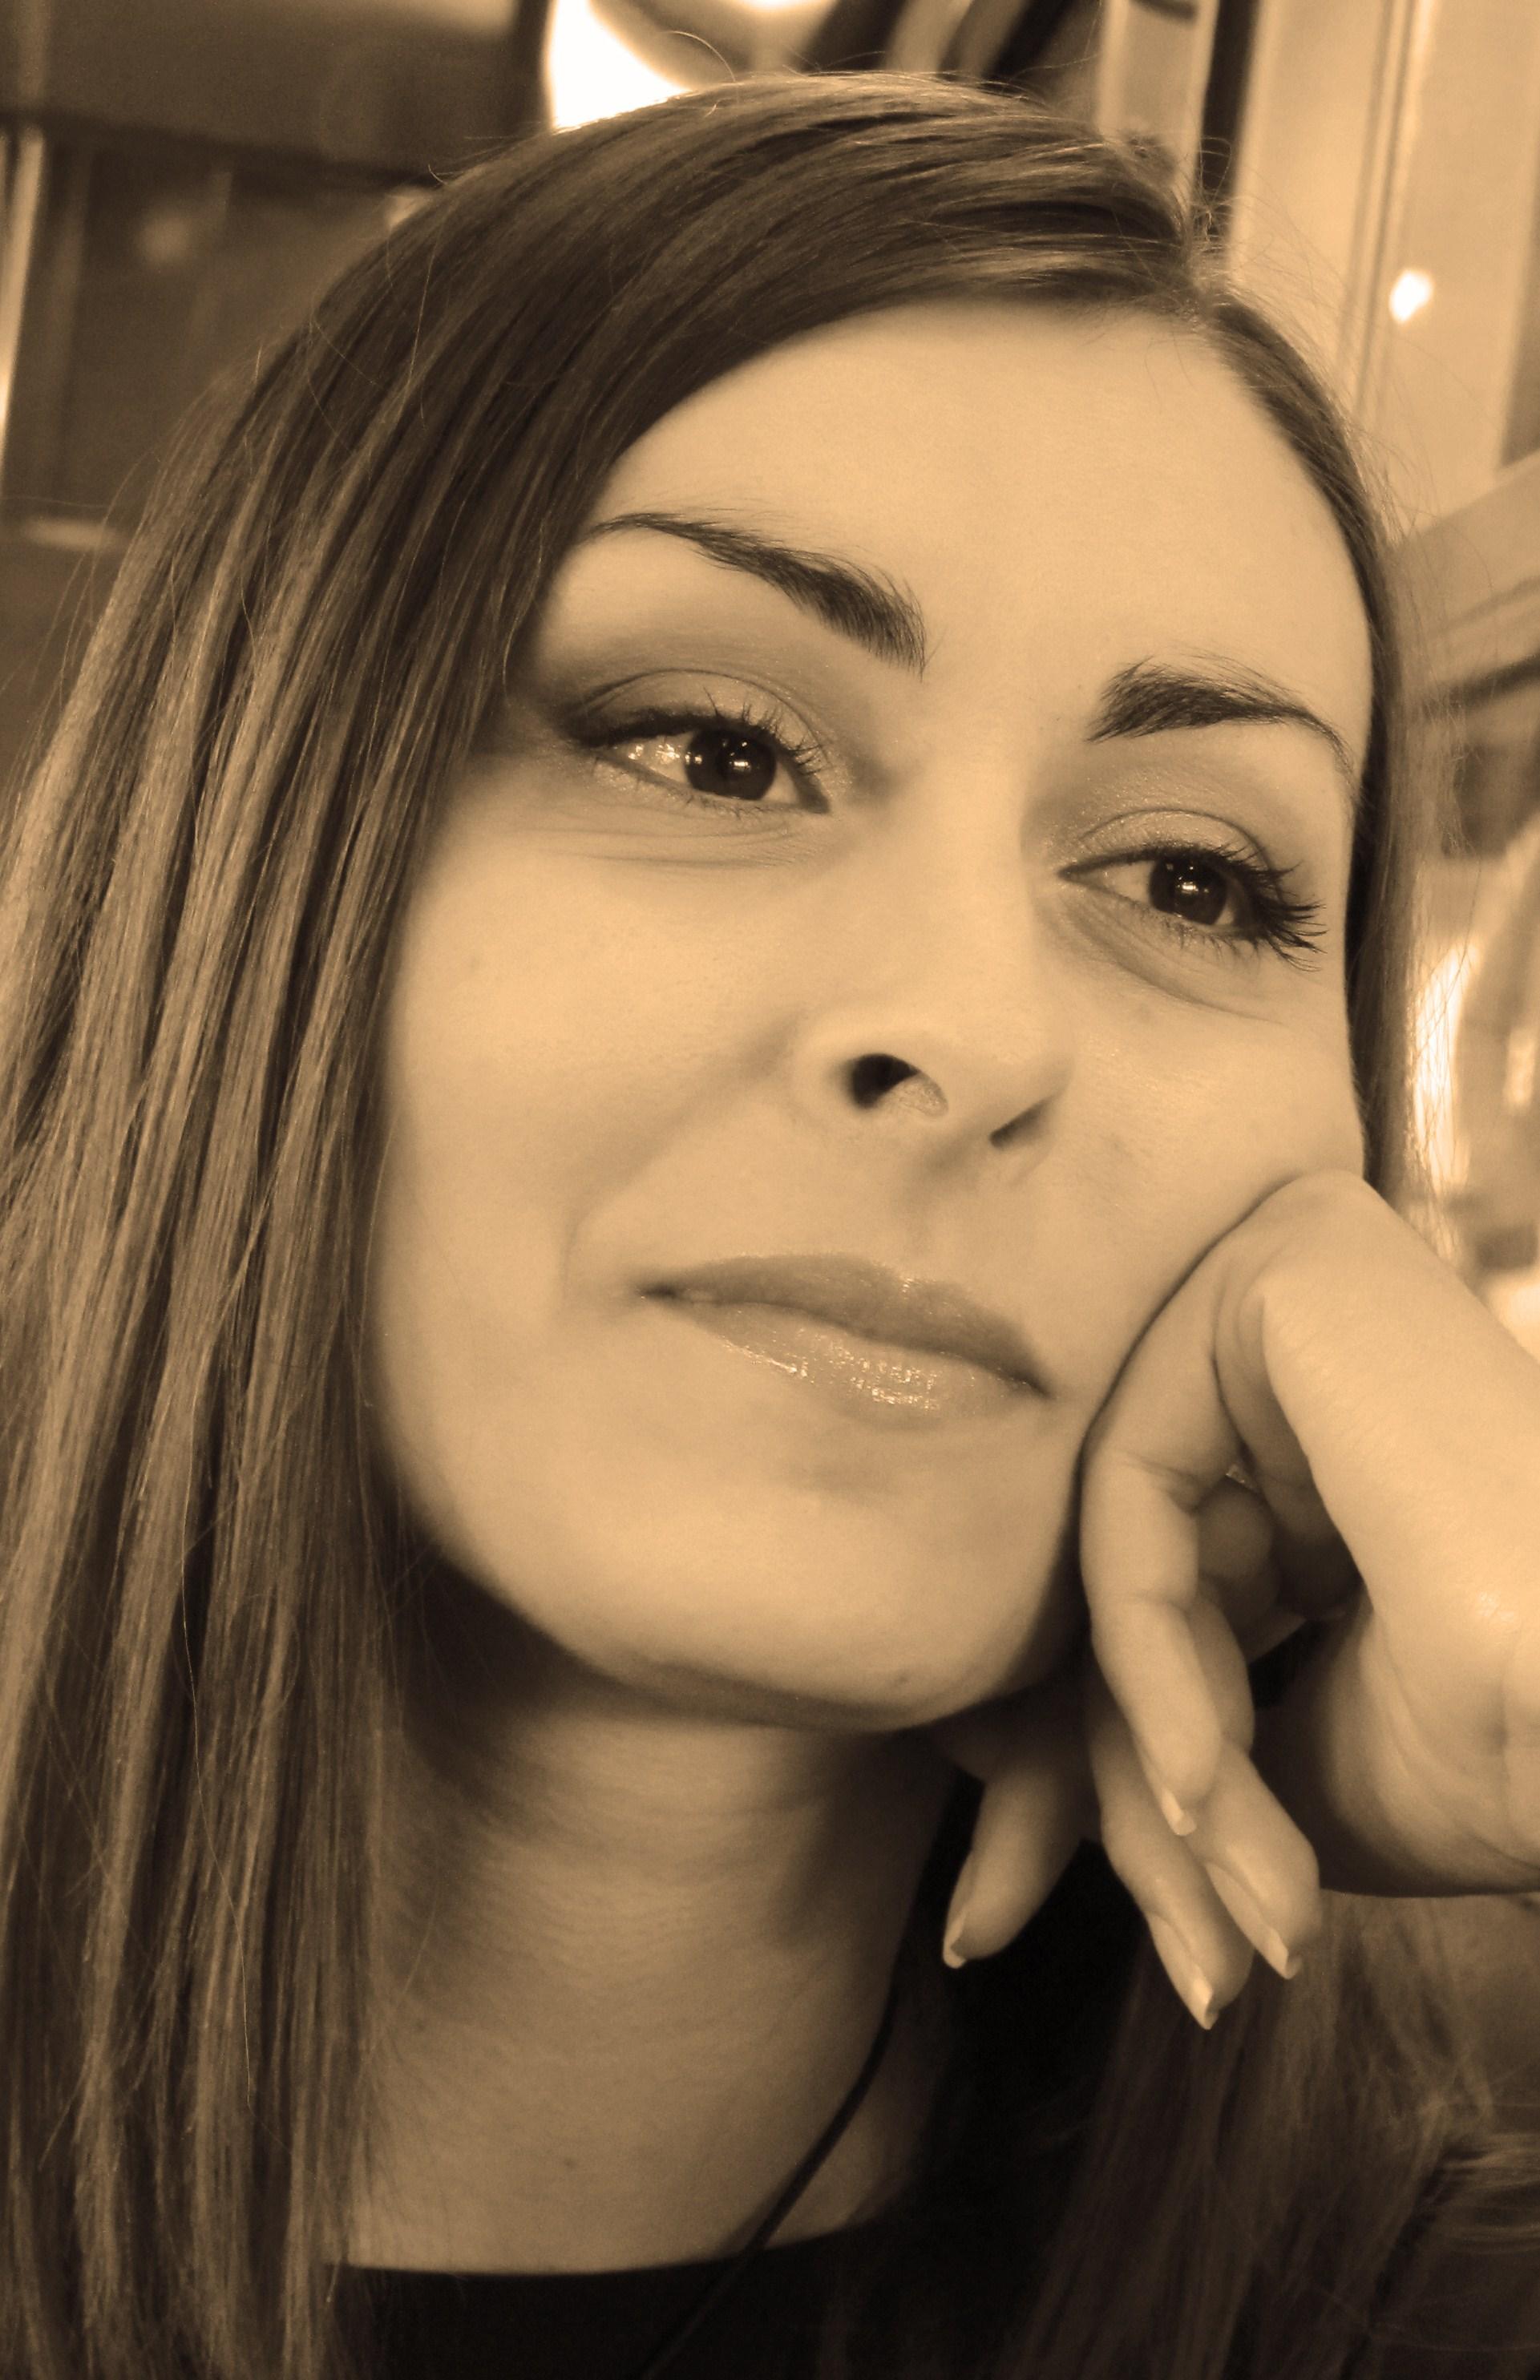 Laura iorio